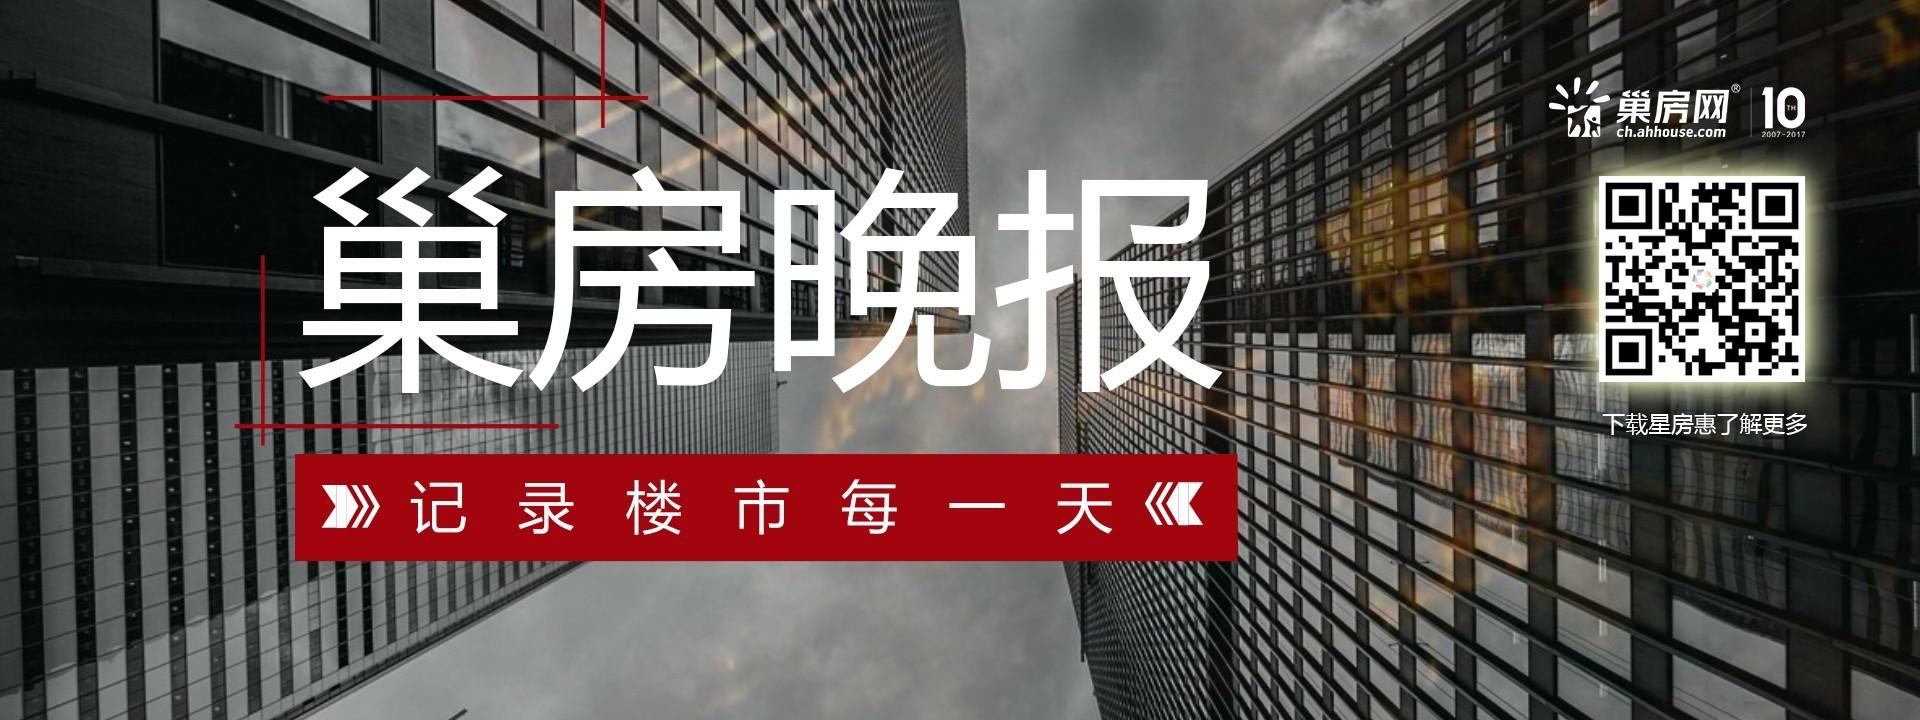 """9月12日巢房网新闻晚报: 楼市""""金九""""首周遇冷"""